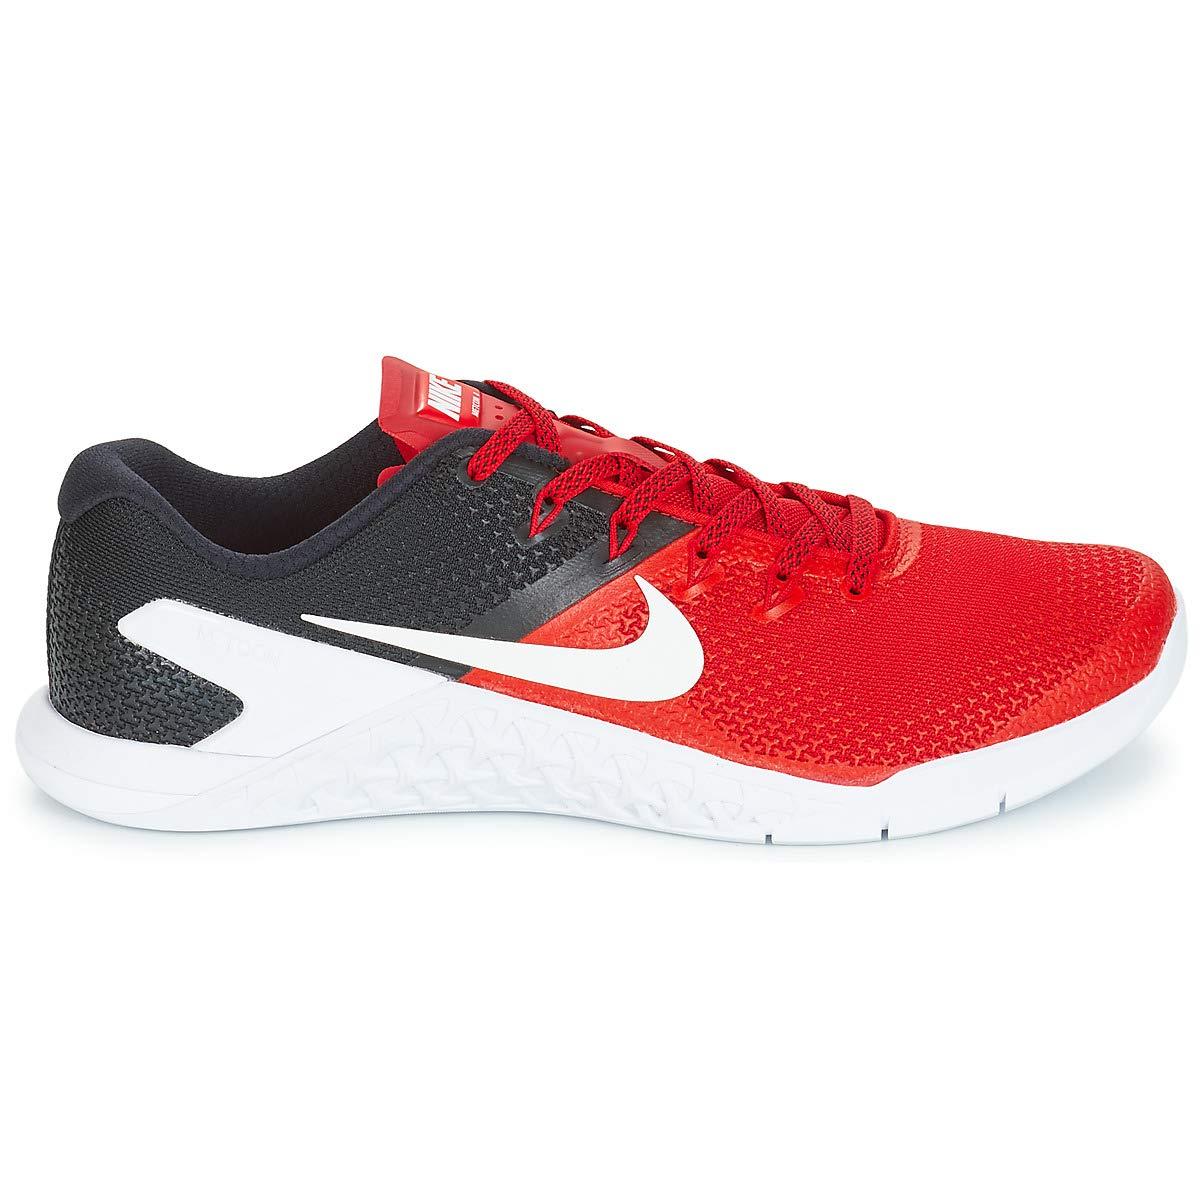 Nike Metcon 4, Zapatillas de Deporte para Hombre, (University Red/Black/White 600), 44 EU: Amazon.es: Zapatos y complementos